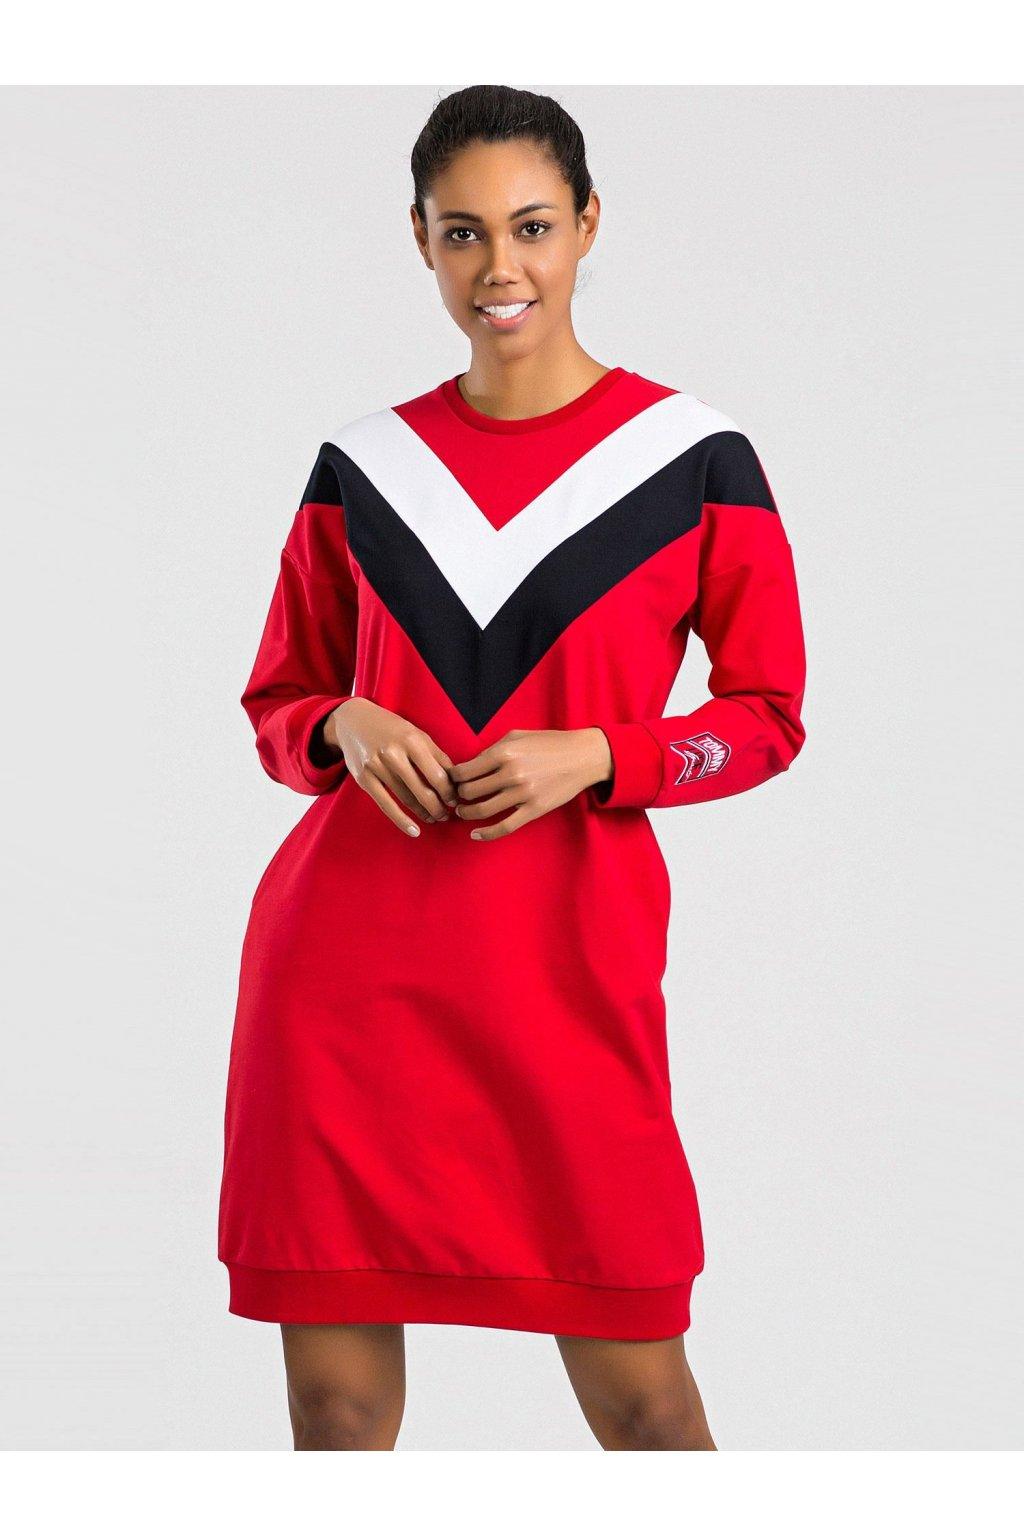 pol pl TOMMY LIFE Czerwono biala sukienka 327349 1